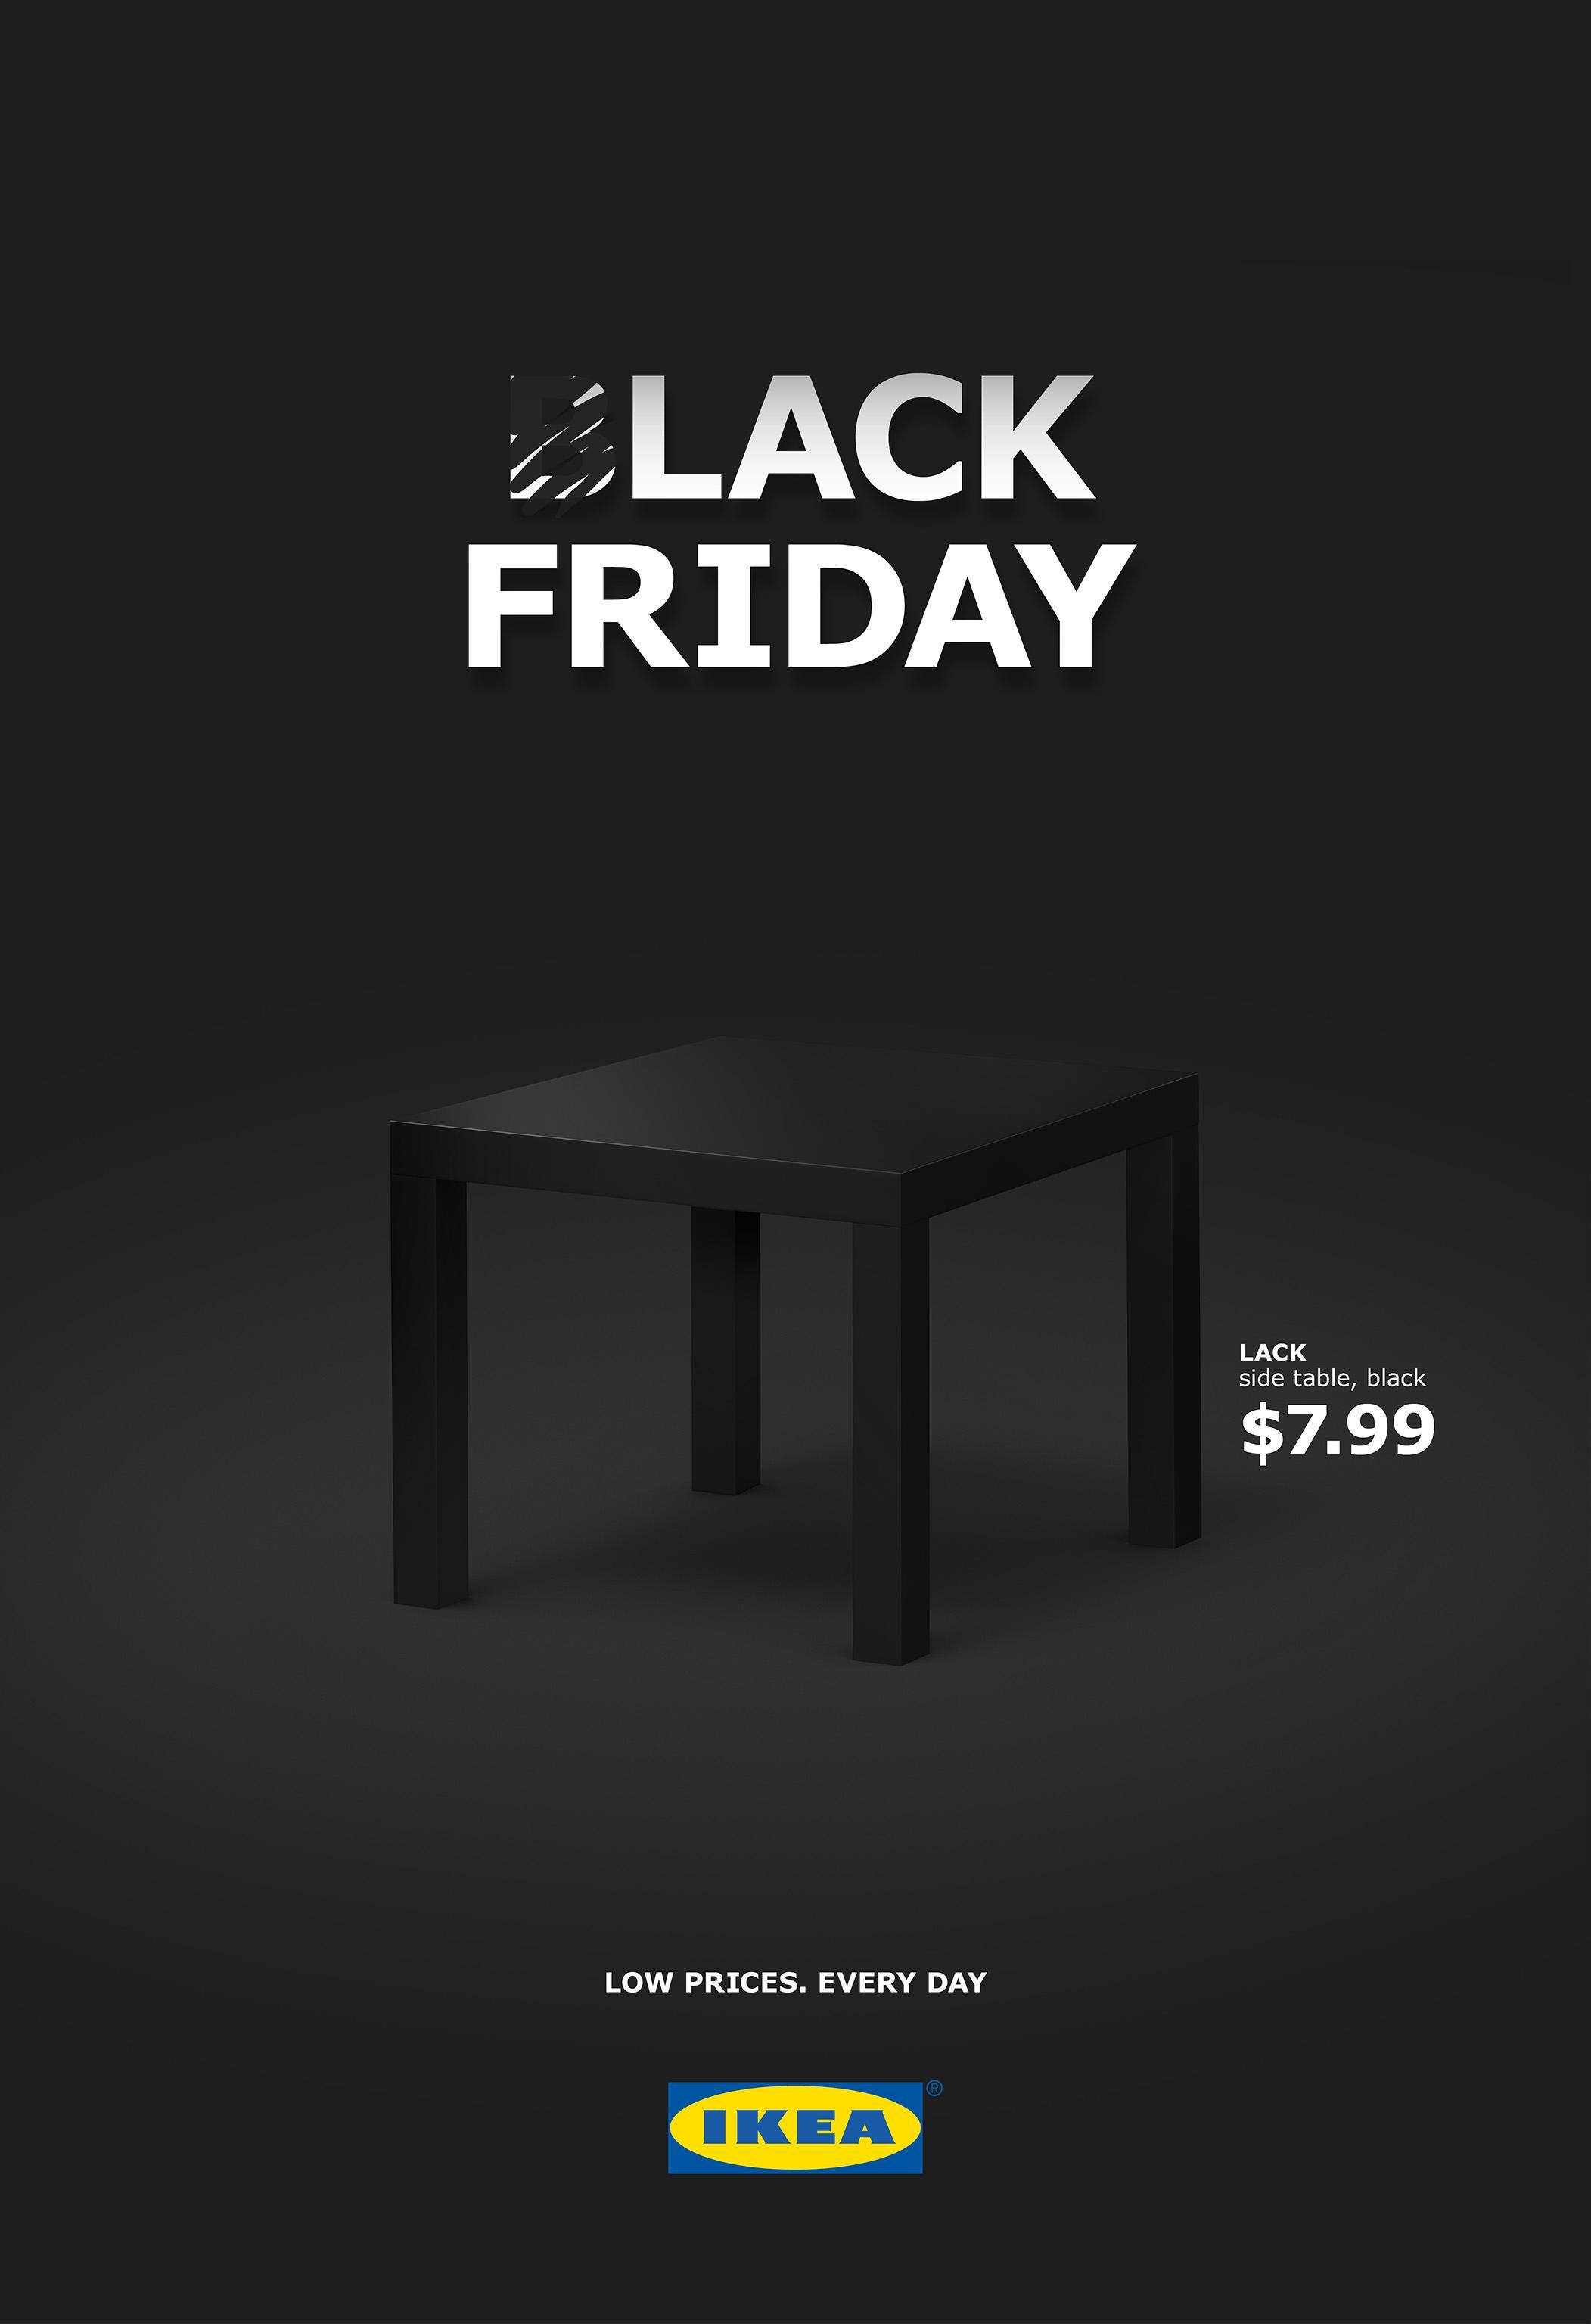 ikea print advert by hjaltelin stahl lack friday on inspirationde. Black Bedroom Furniture Sets. Home Design Ideas